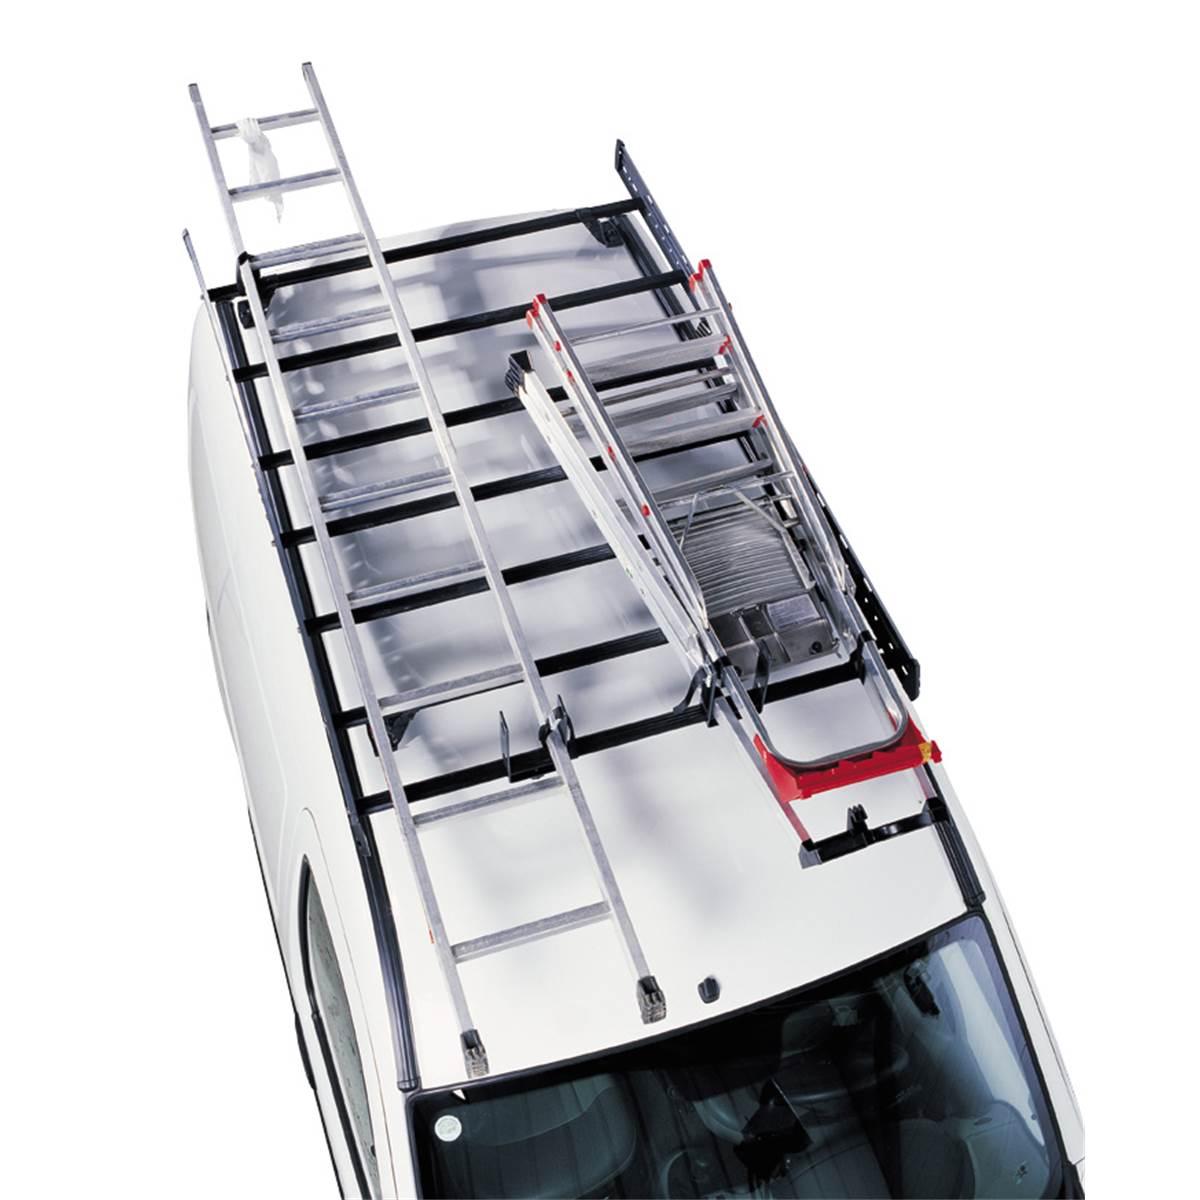 Galerie pour véhicule utilitaire PRO DECK MONT BLANC 615